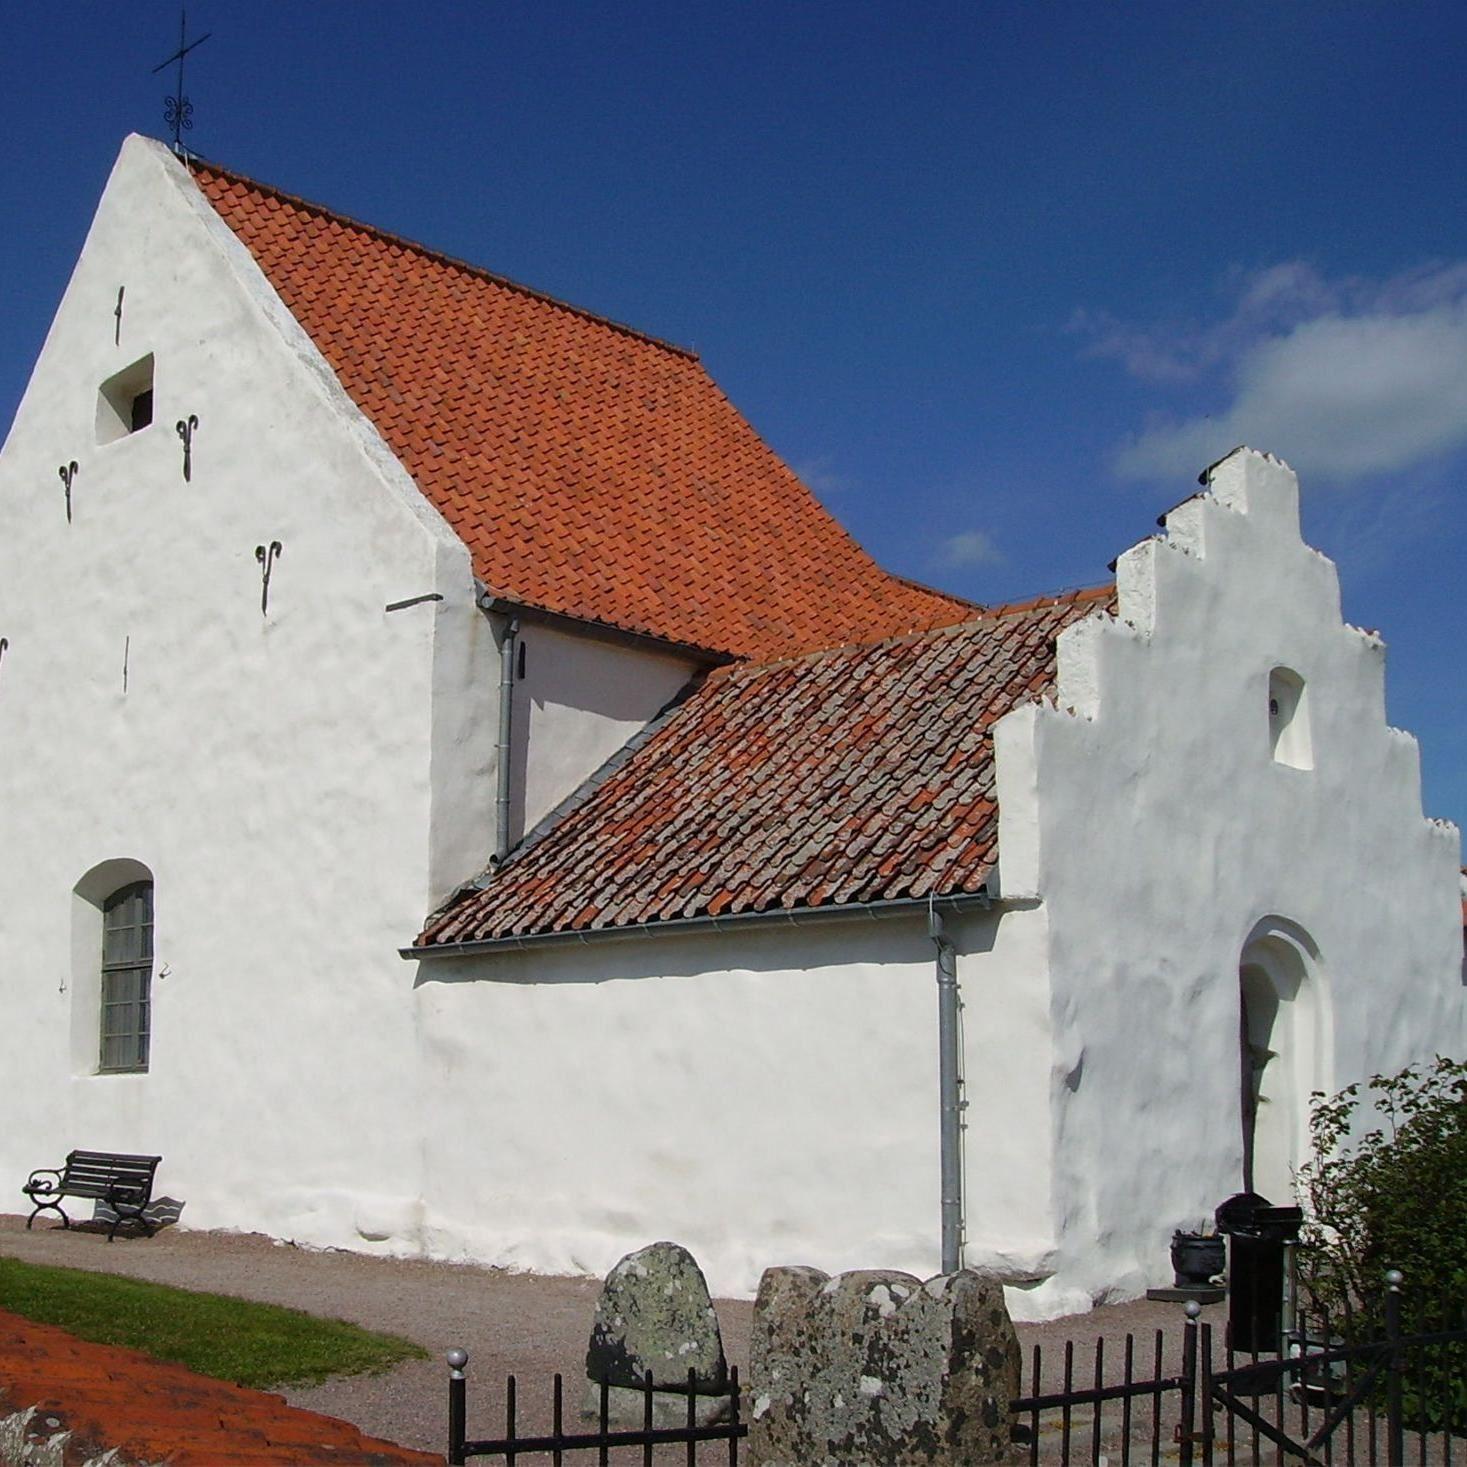 Foto: Turistbyrån Landskrona - Ven, S:t Ibbs gamla kyrka-Ven